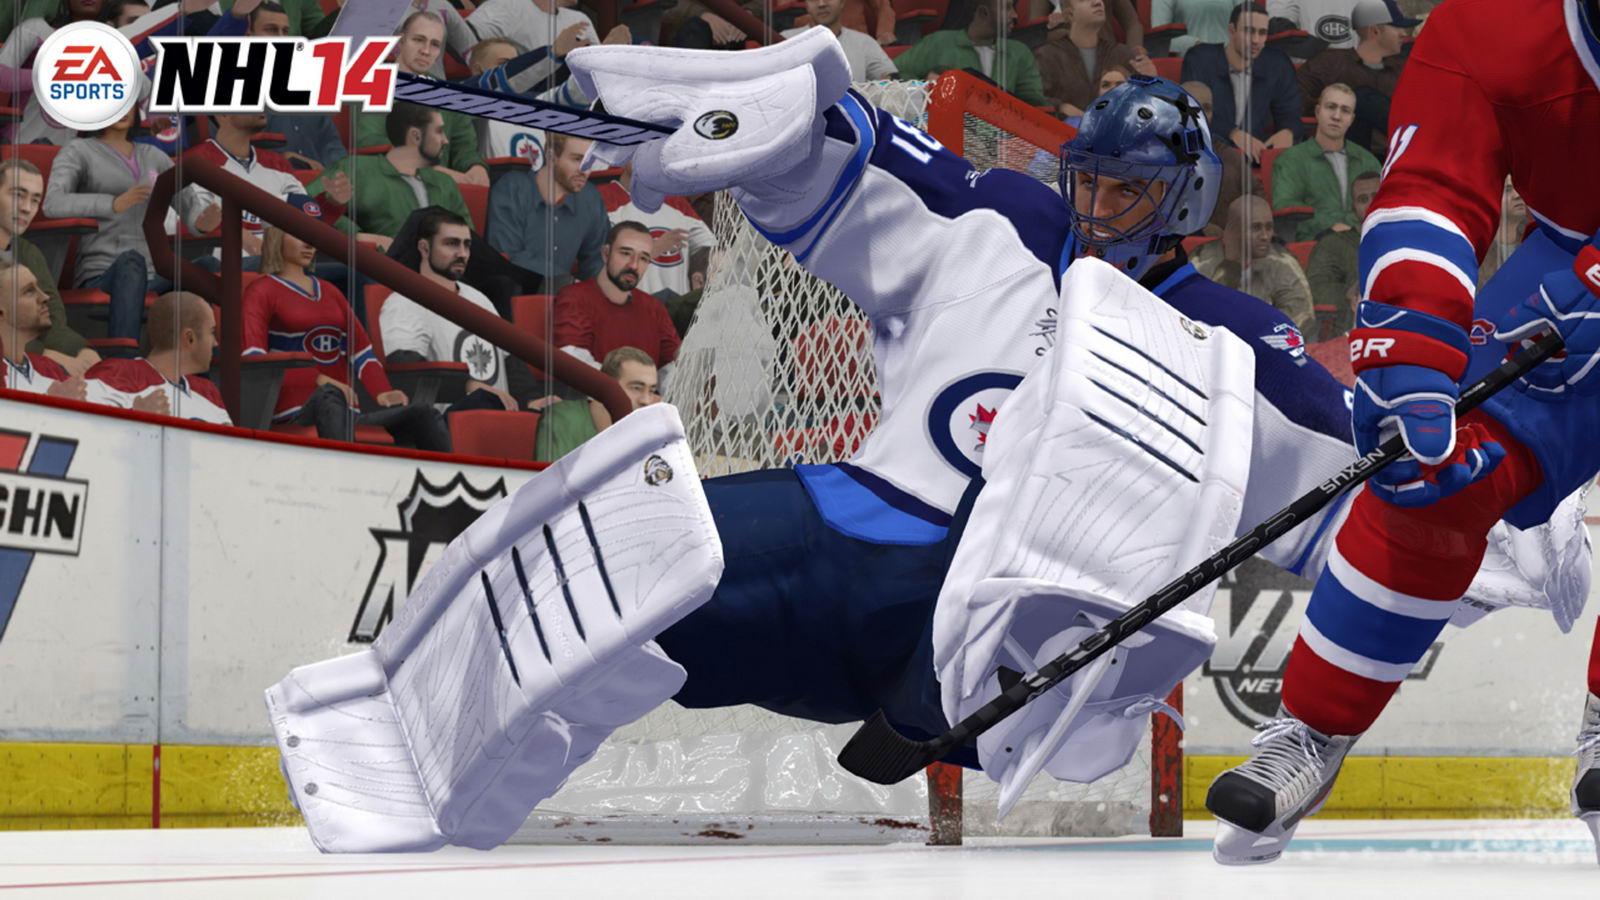 Скриншот NHL 14